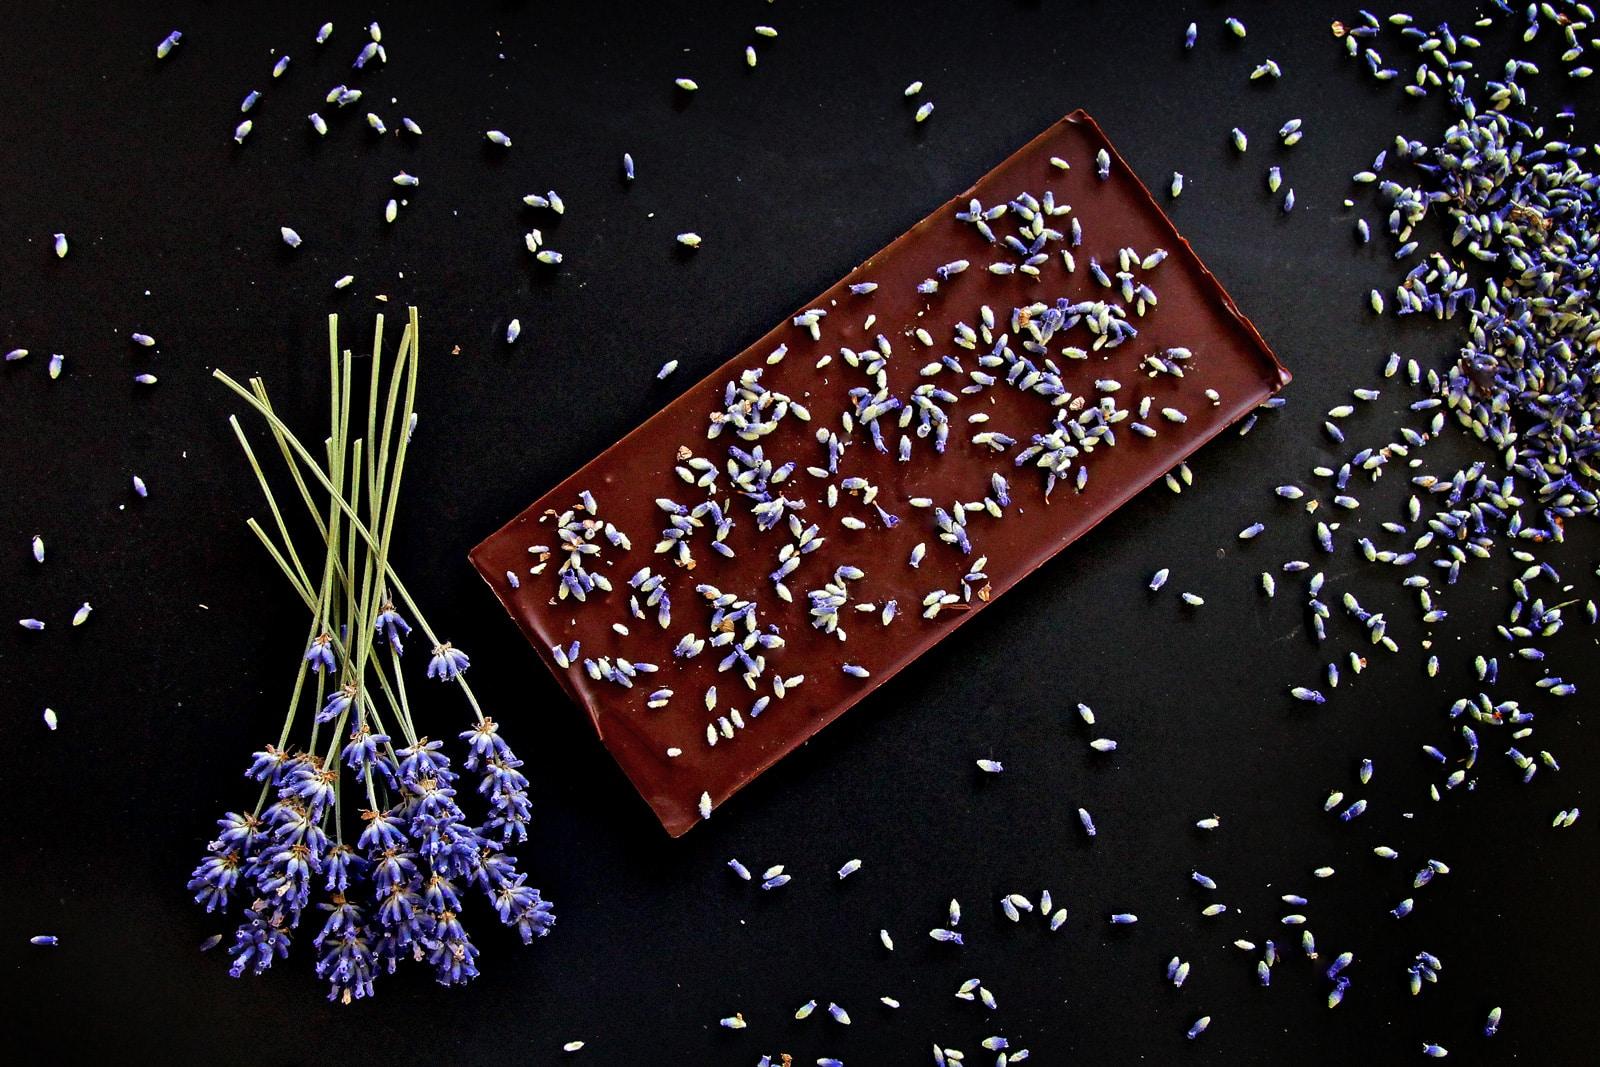 Vánoce, Čokoládov tabulka s příchutí levandule